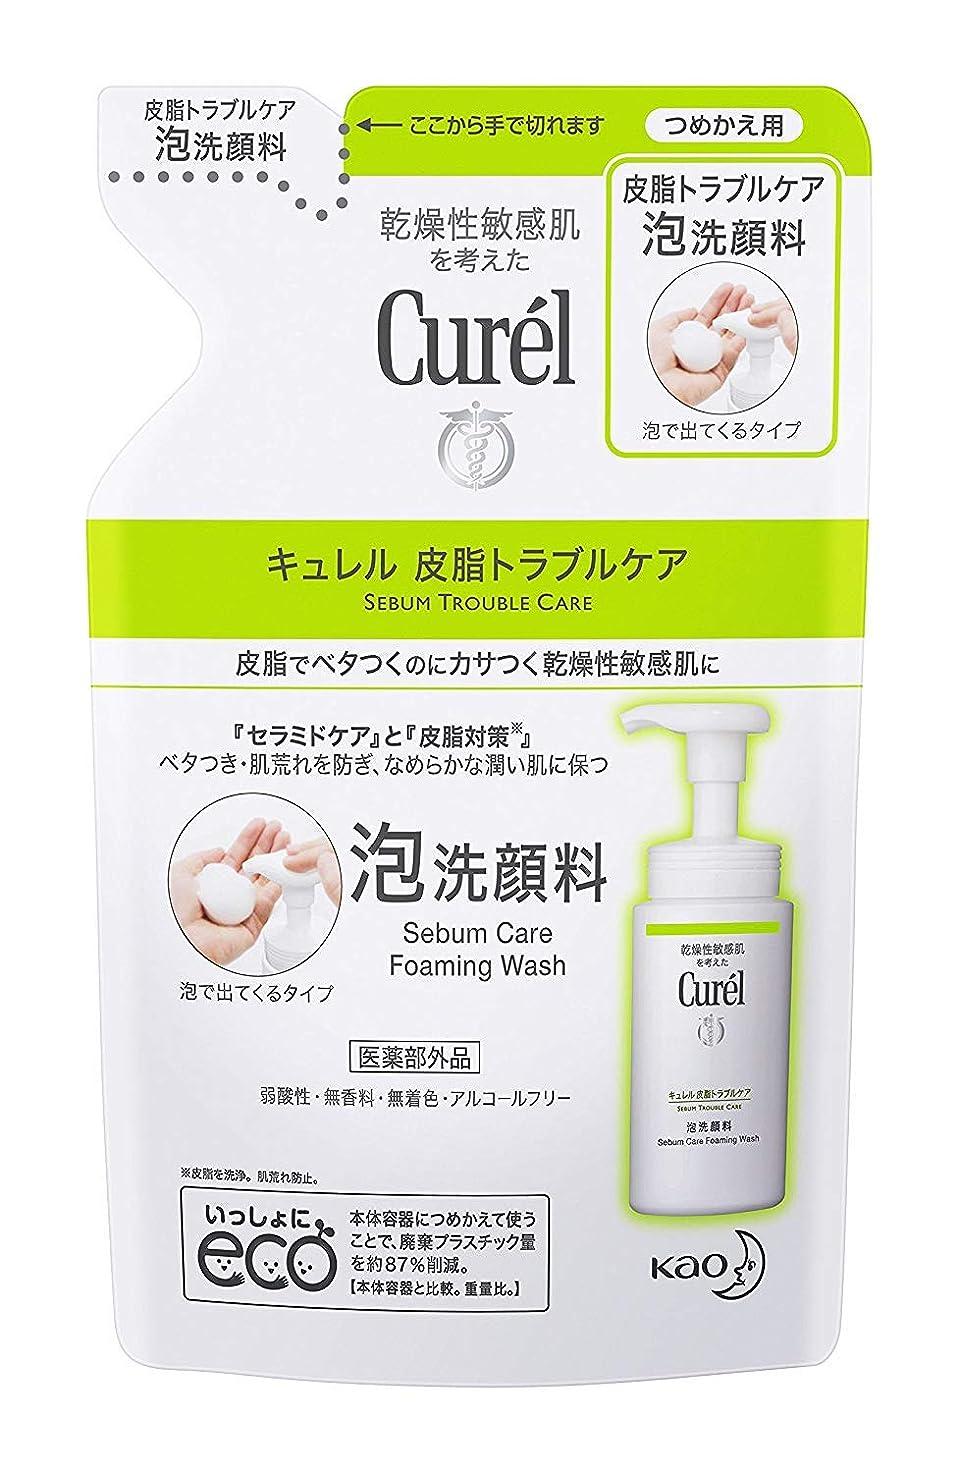 【花王】キュレル 皮脂トラブルケア泡洗顔料 つめかえ用 130ml ×5個セット